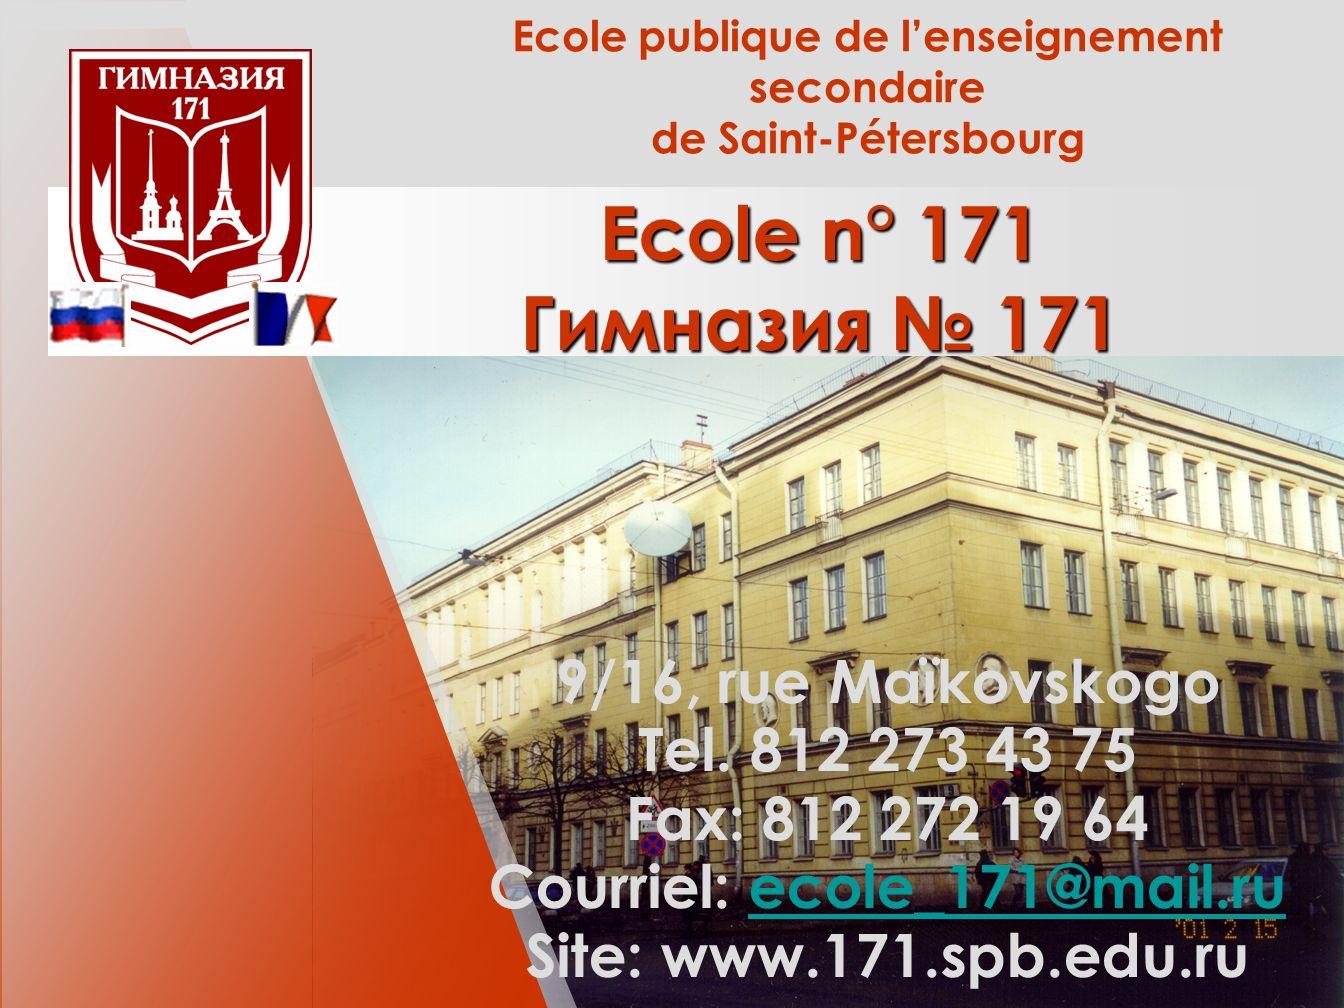 Ecole publique de lenseignement secondaire de Saint-Pétersbourg Ecole n° 171 Гимназия 171 9/16, rue Maïkovskogo Tel.